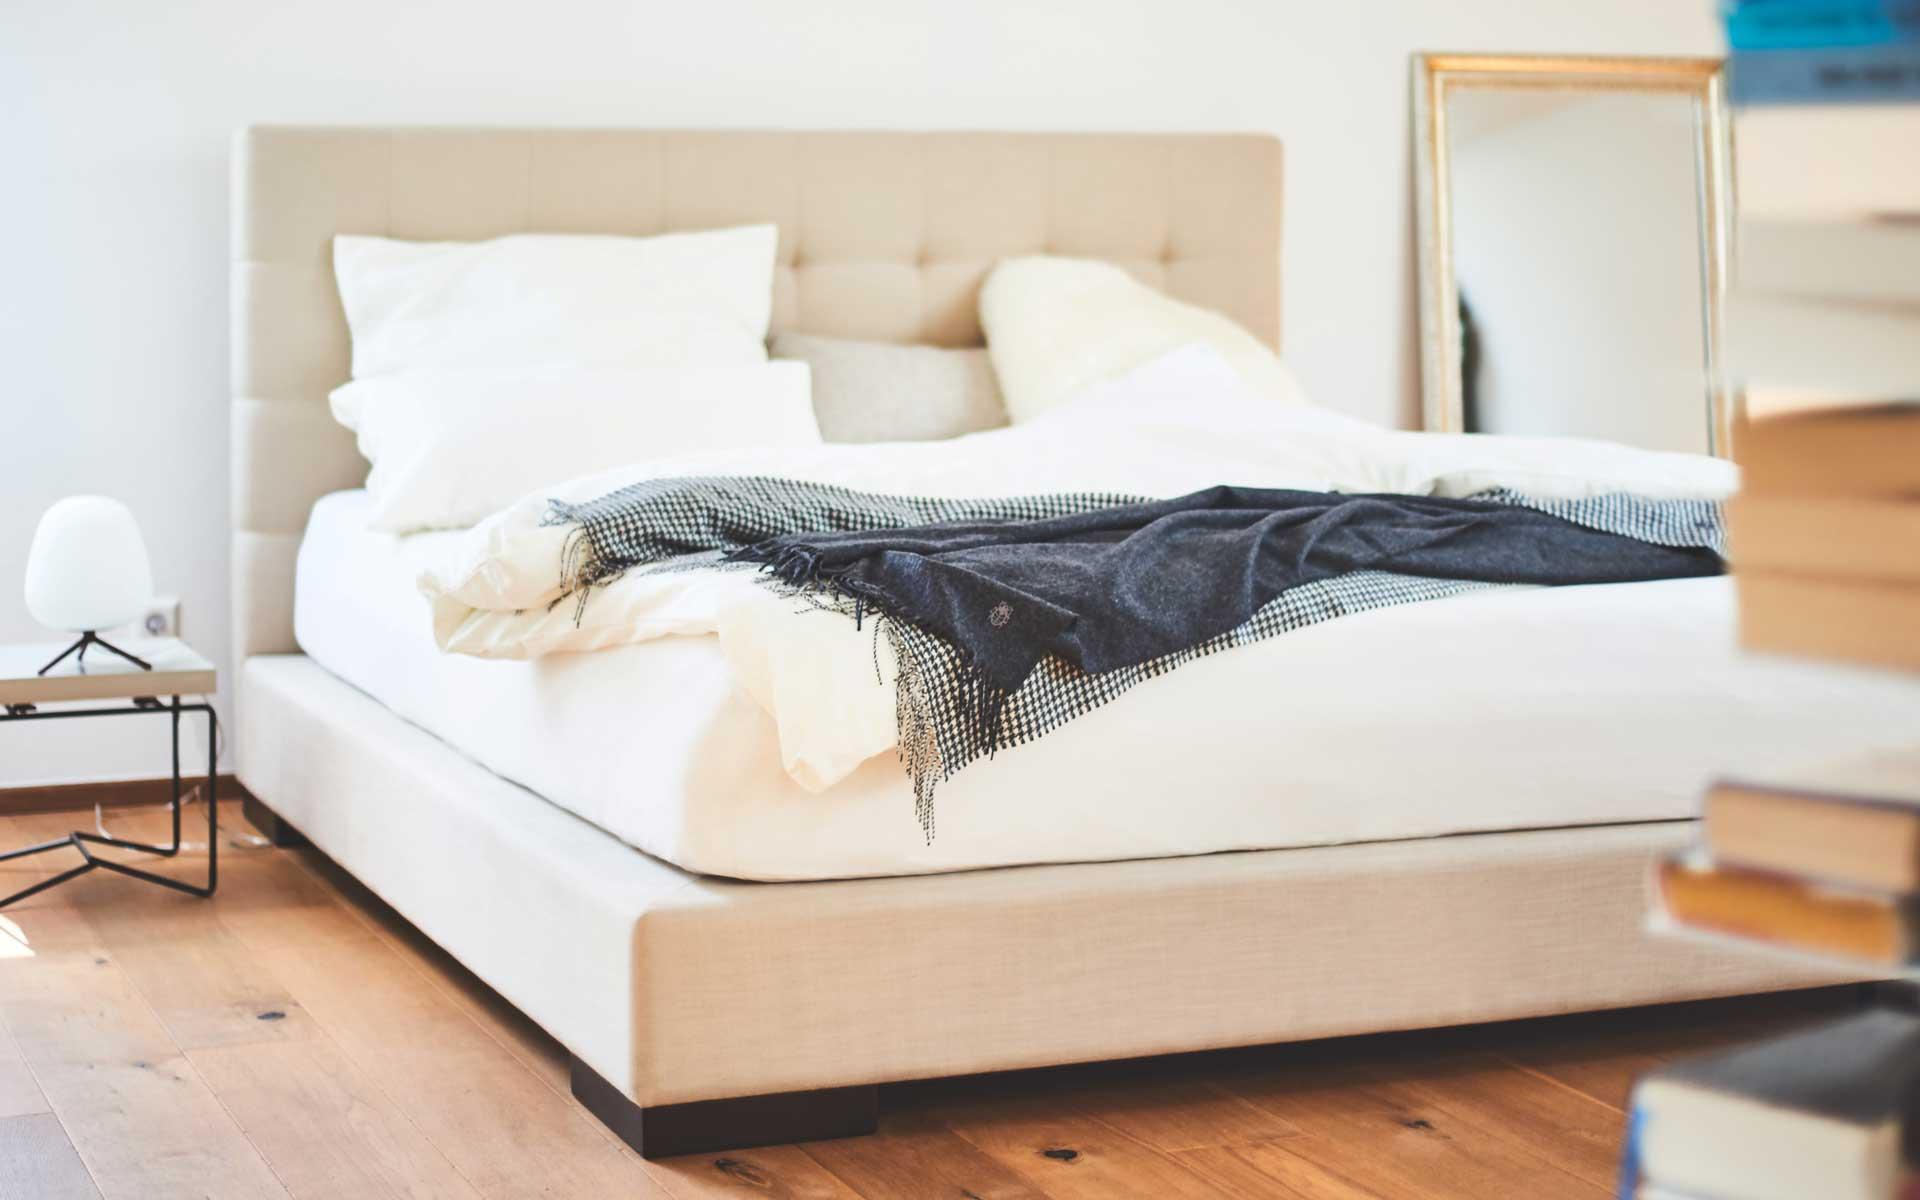 Full Size of Betten Kaufen Deutschland Gutschein Depot Rabatt Dealership Muskegon Sich Definition Imc De Sophisticated Living Bett Betten De